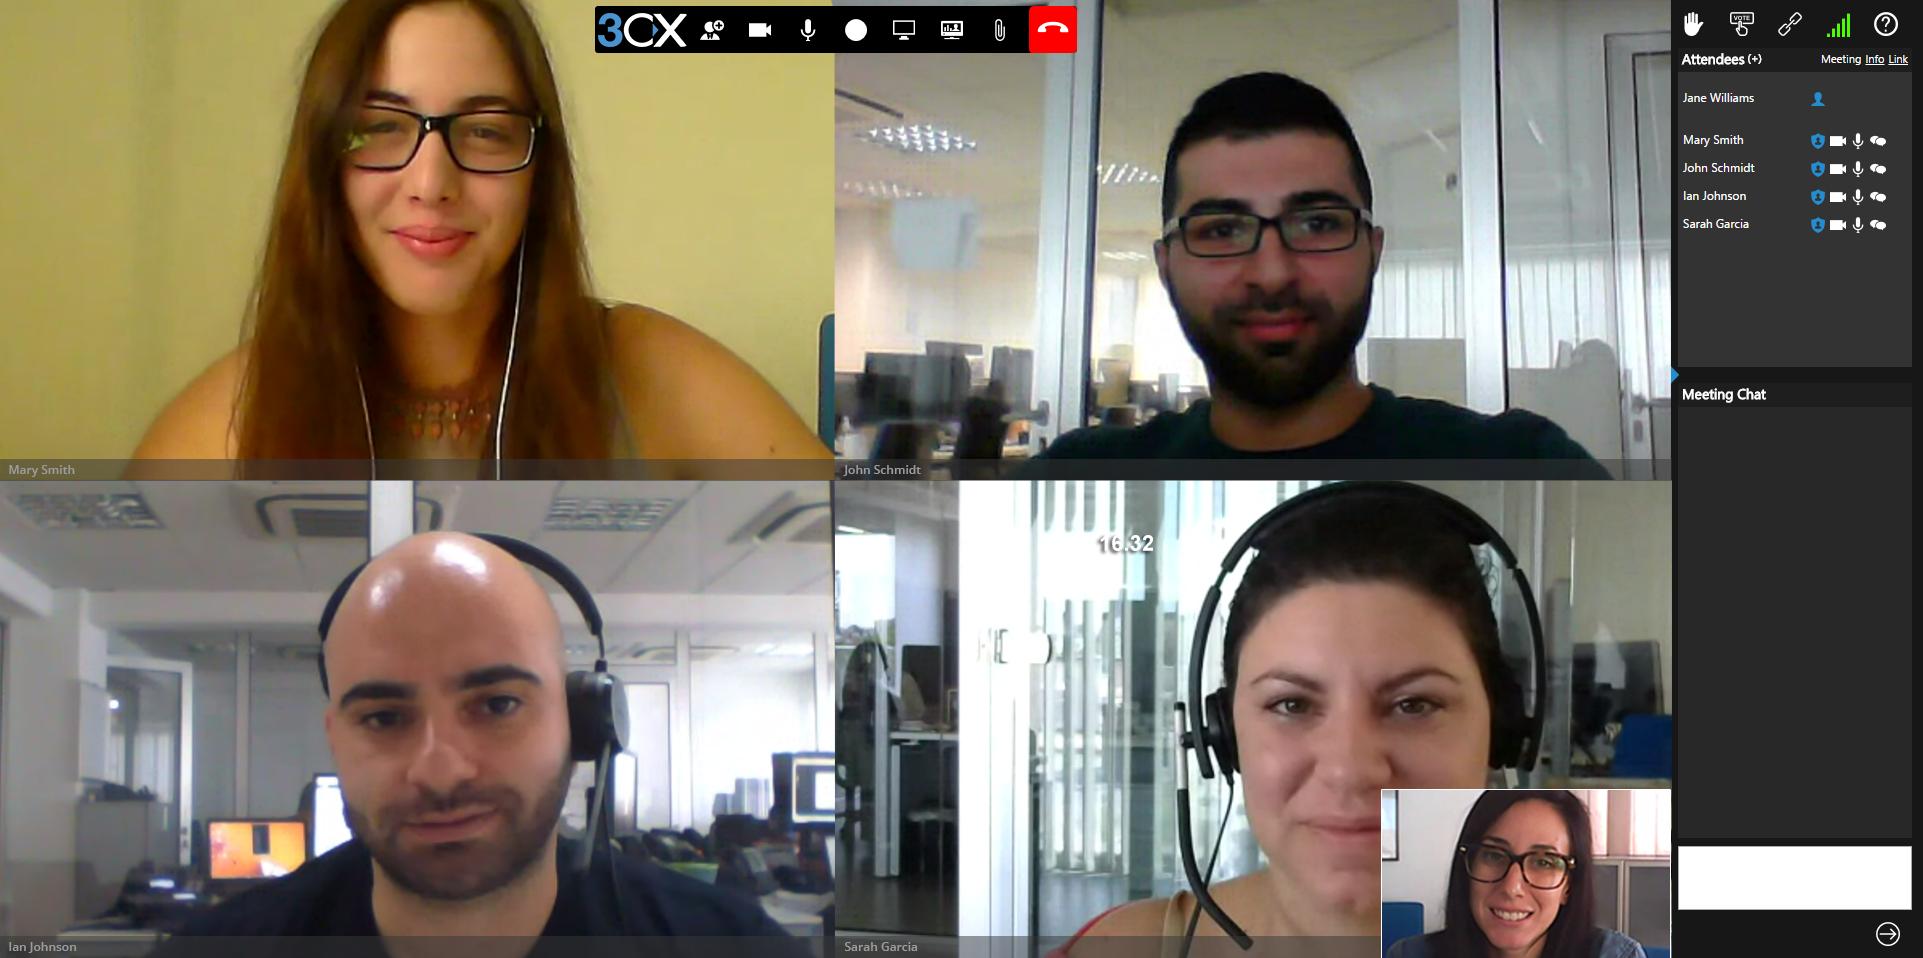 Видеоконференции 3CX в браузере